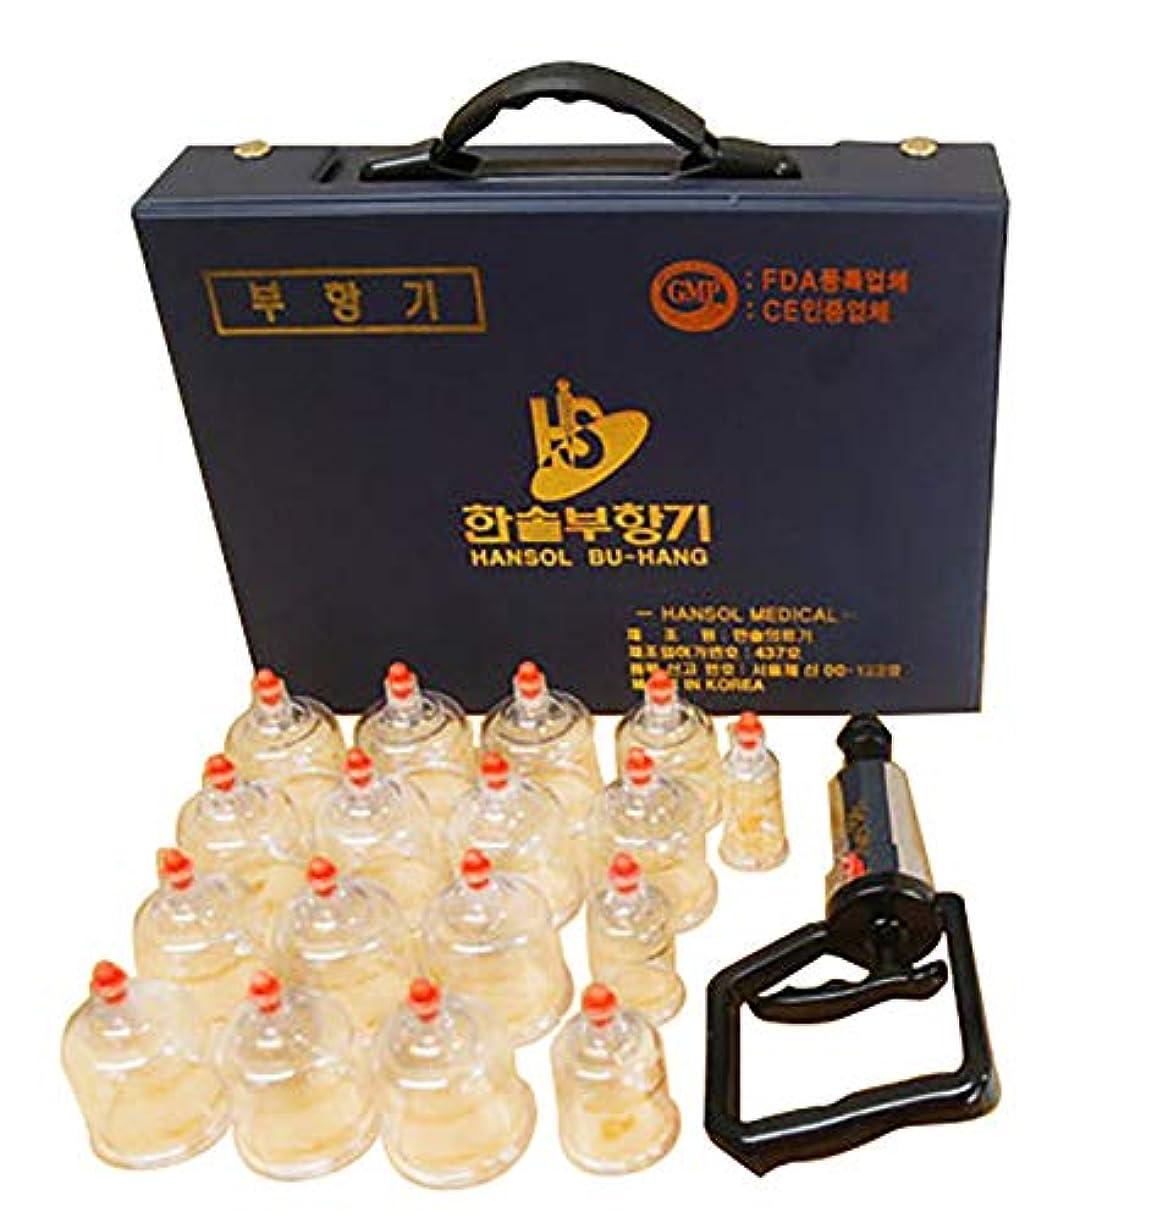 可能にする汚れる前奏曲中国四千年の健康法「吸玉」がご家庭で手軽にできる!ハンソルメディカル ブハン カッピングカップ17個セット